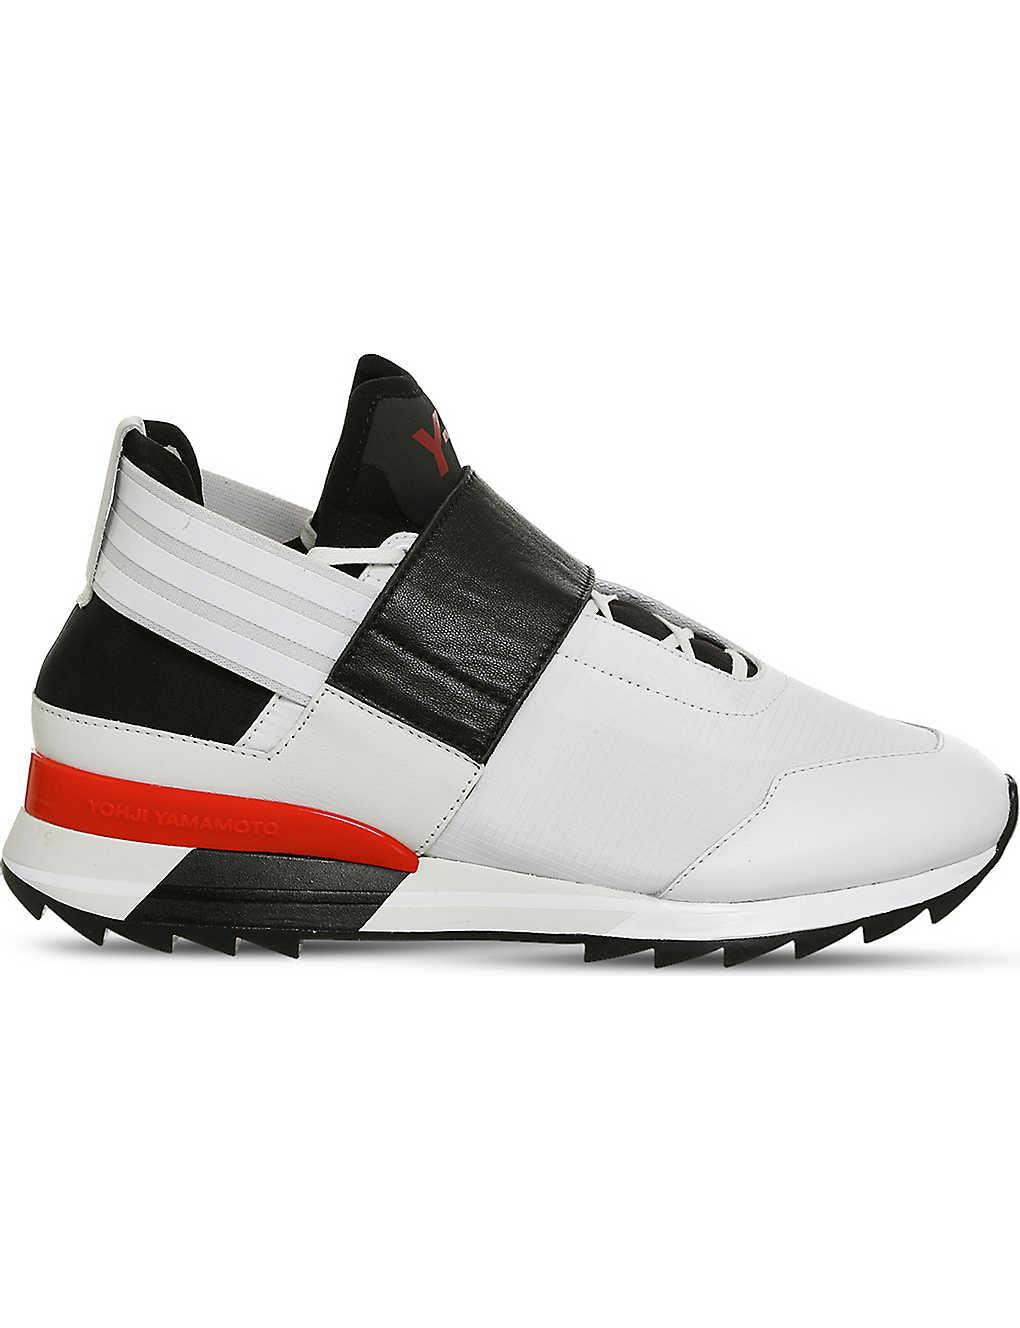 ADIDAS Y3 zapatillas Atira   zapatillas 1276 deportivas y de malla   aabb0df - allpoints.host